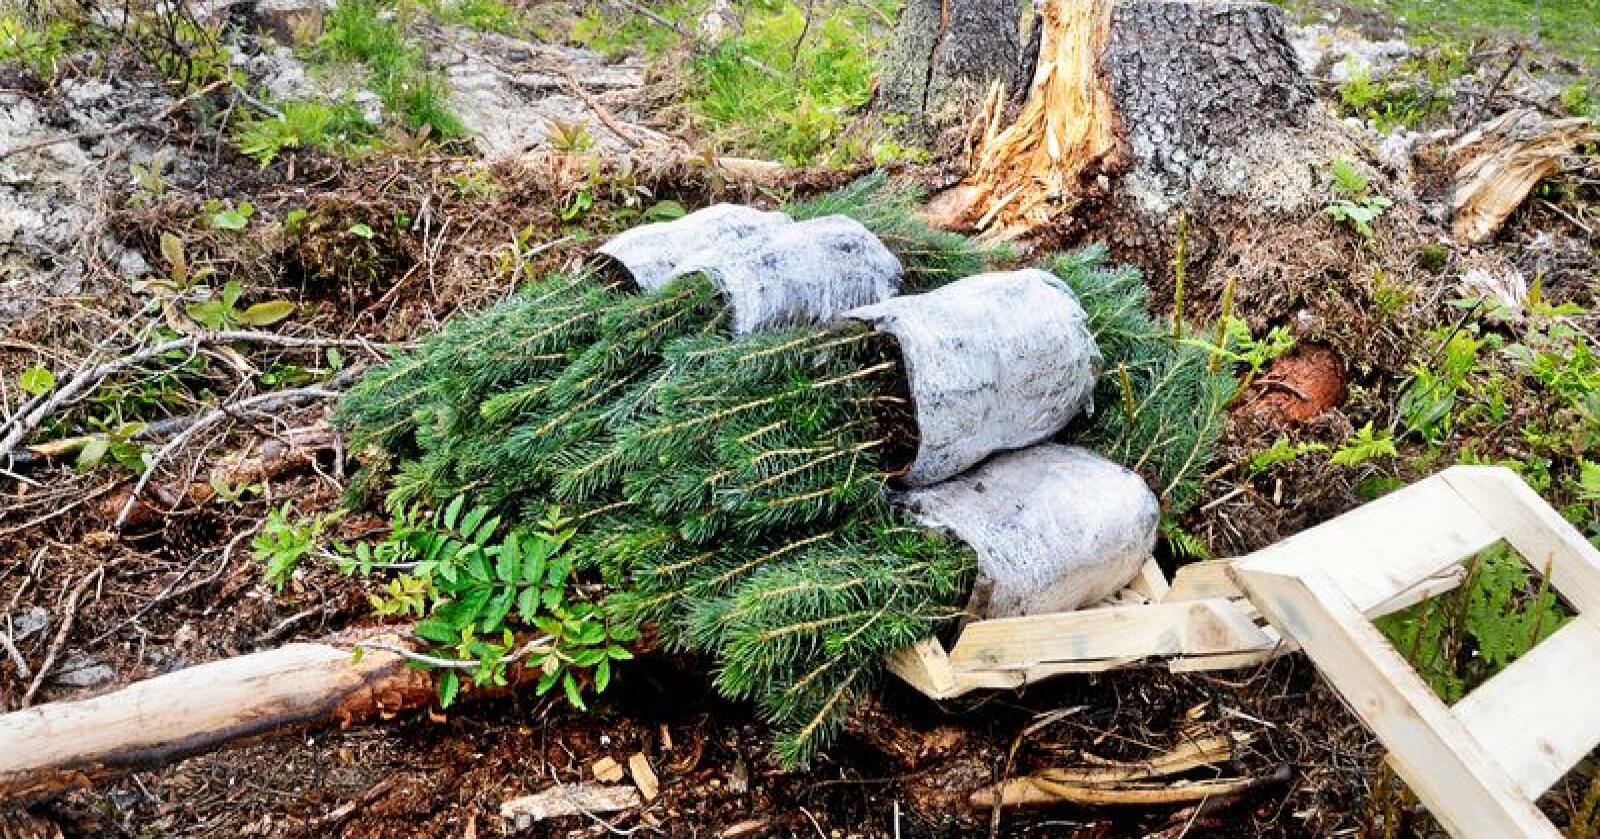 Skogplanting: Påskogingen av Norge må trappes opp, skriver Ola Gram Dæhlen. Foto: Mariann Tvete